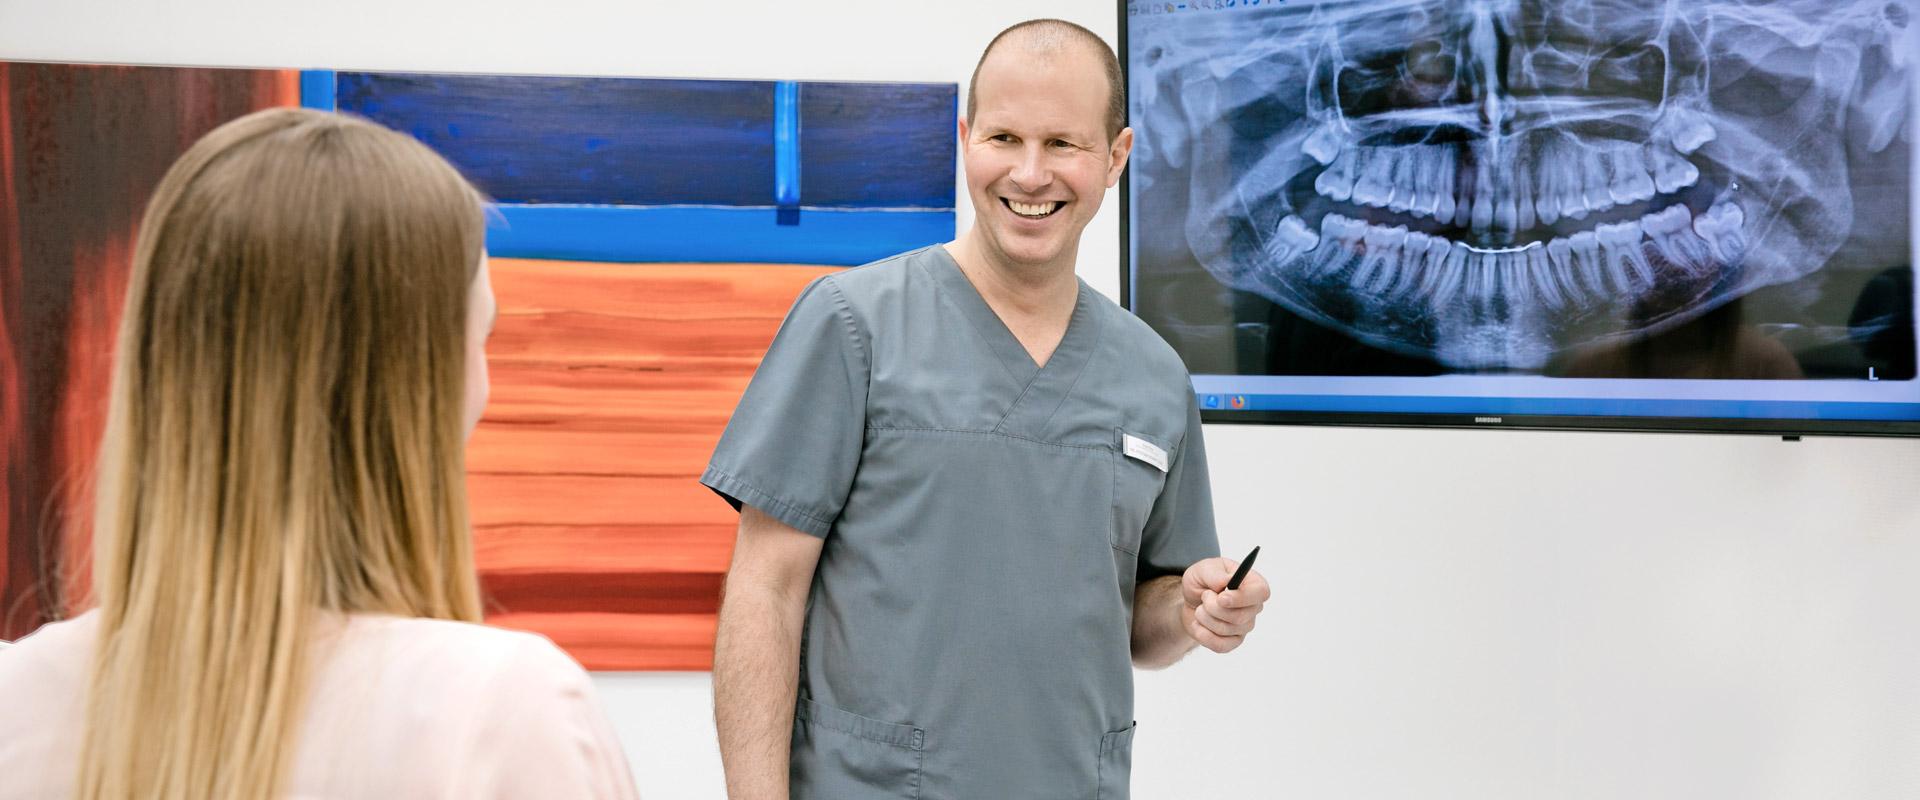 Dr. Schnitzer – Fachzahnärztliche Praxis - Leistungen im Überblick 1